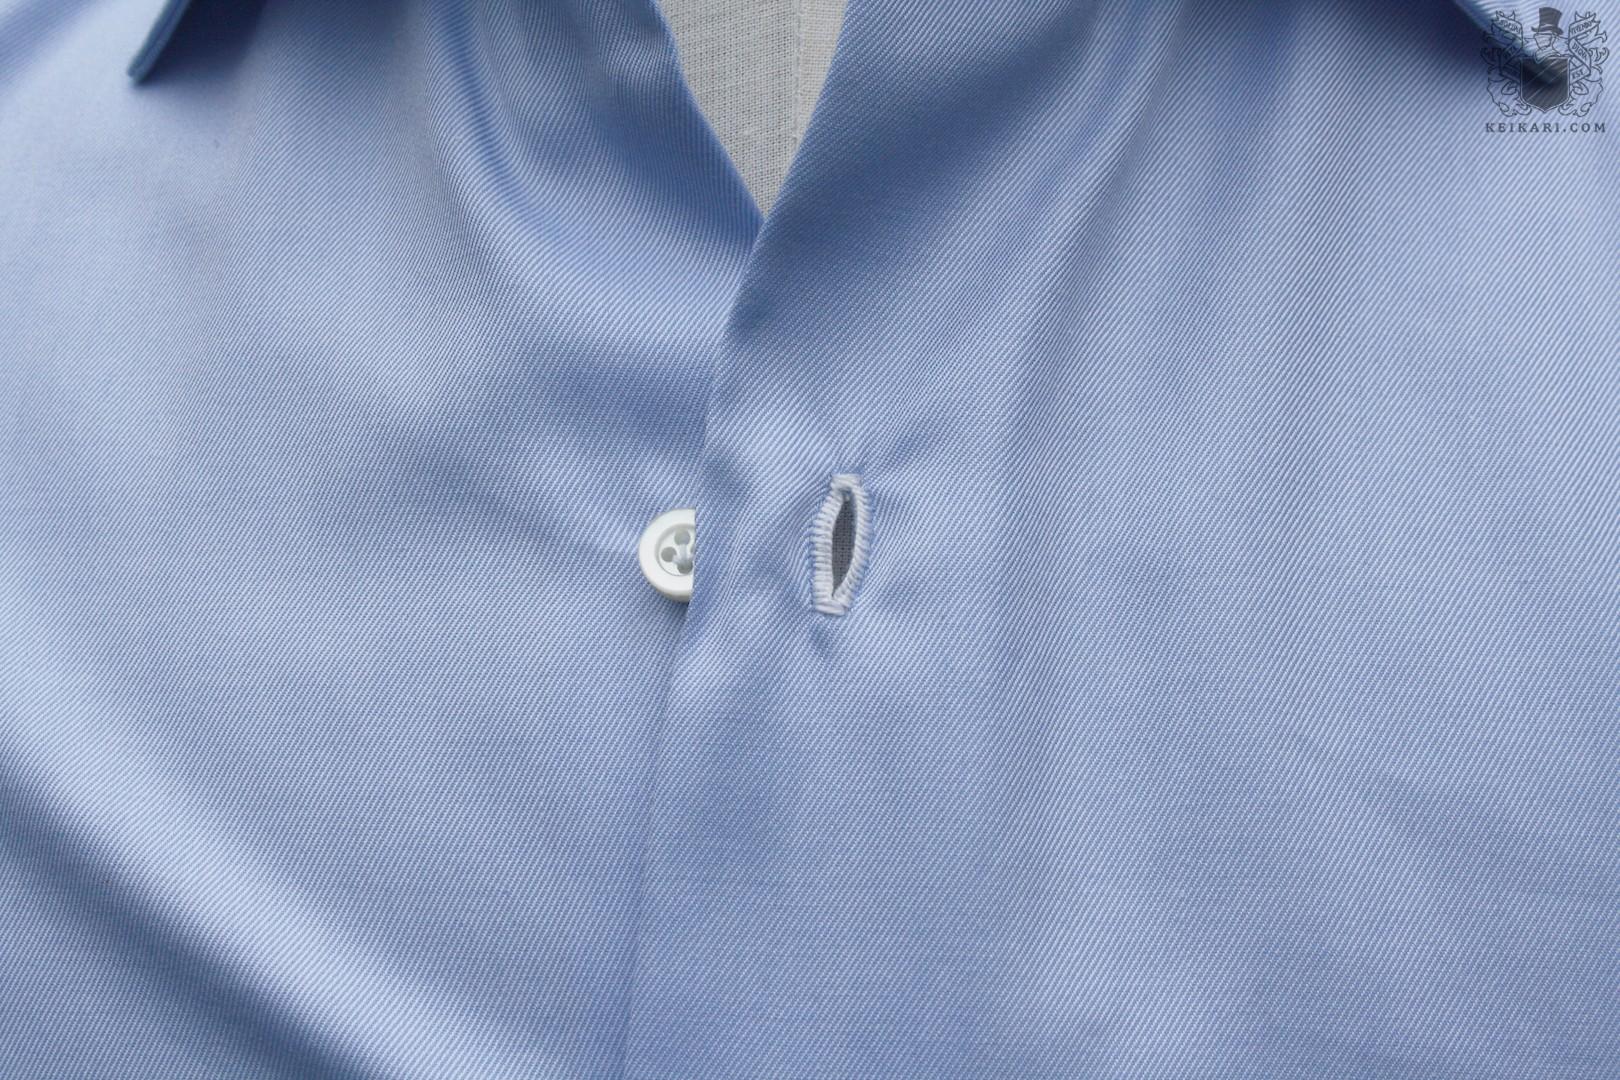 Anatomy_of_an_Isaia_shirt_at_Keikari_dot_com08